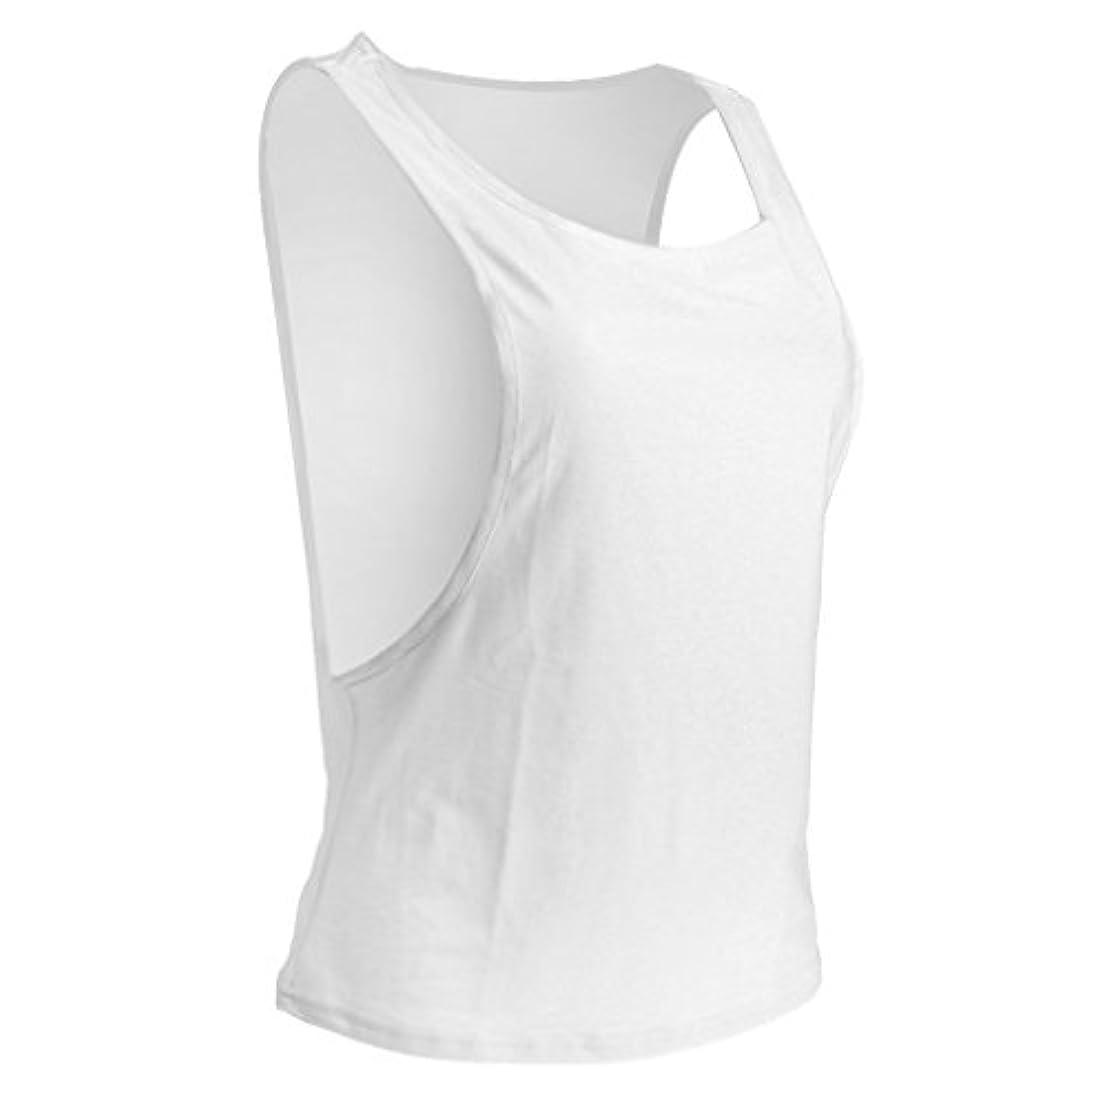 感情コード死にかけている【ノーブランド品】 快適 女性 スポーツ フィットネス トレーニング トンシャツ ノースリーブ スポーツ タンクトップ ベスト 7色3サイズ選べる - M, ホワイト